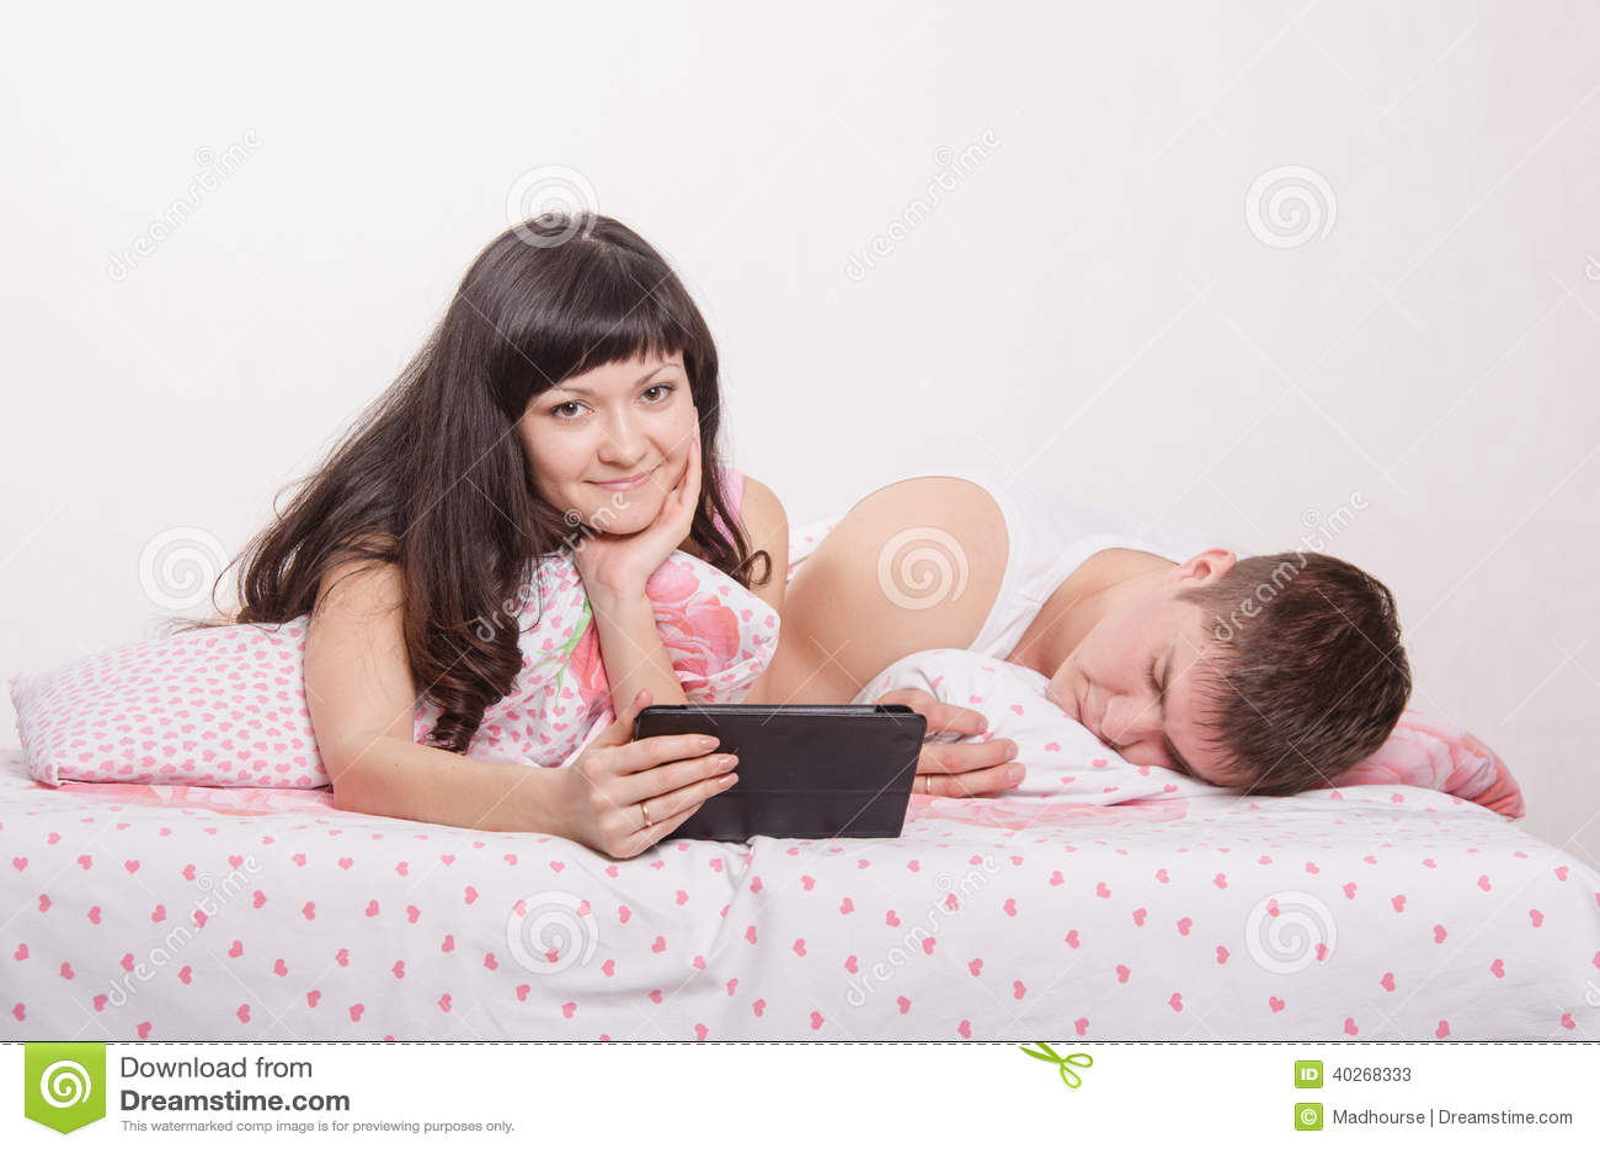 Я жена и друг в постеле 21 фотография